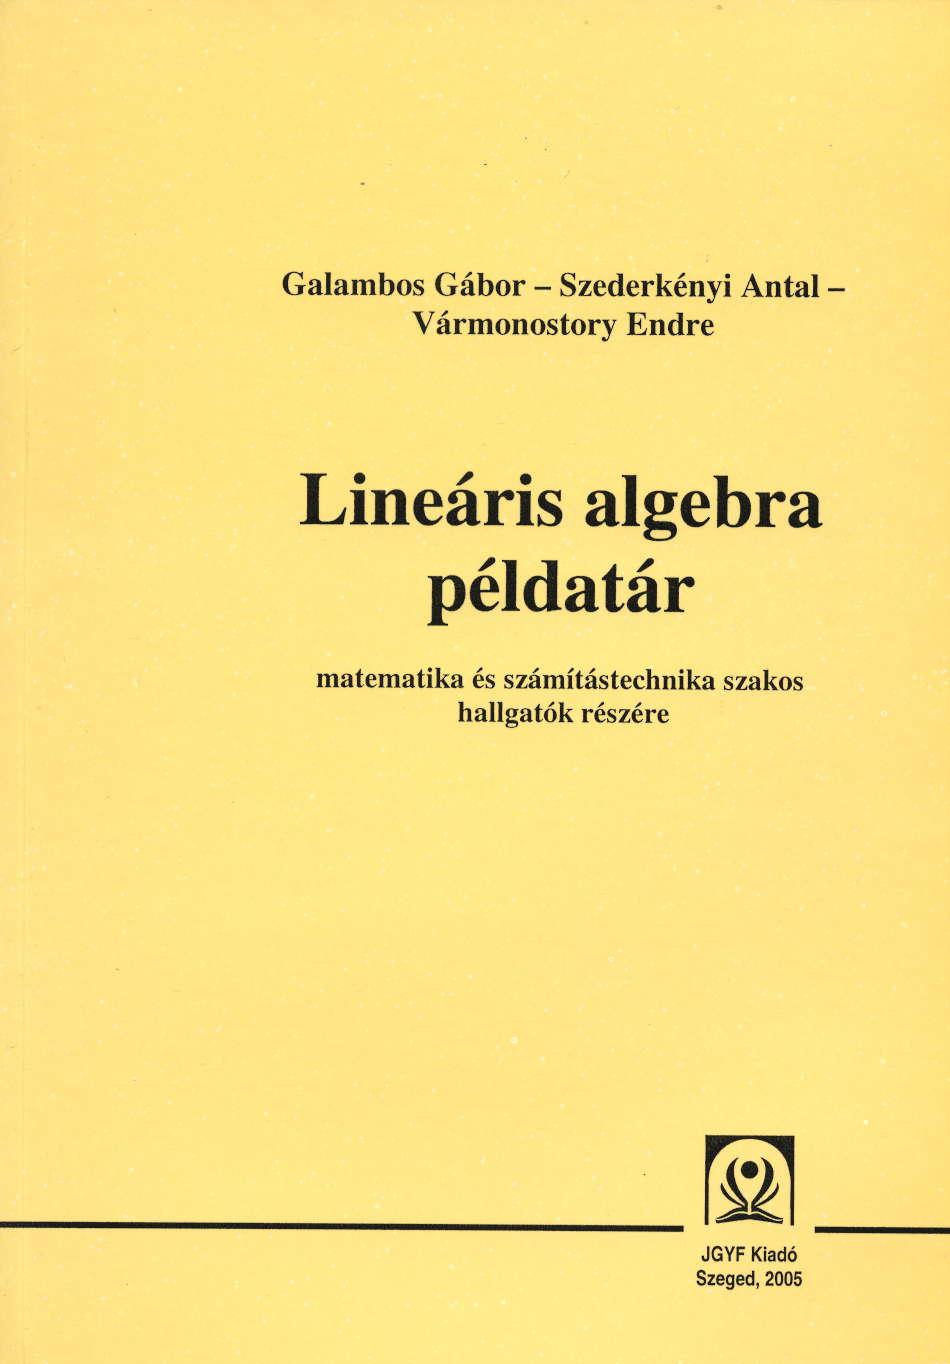 Lineáris algebra példatár - JGYFK